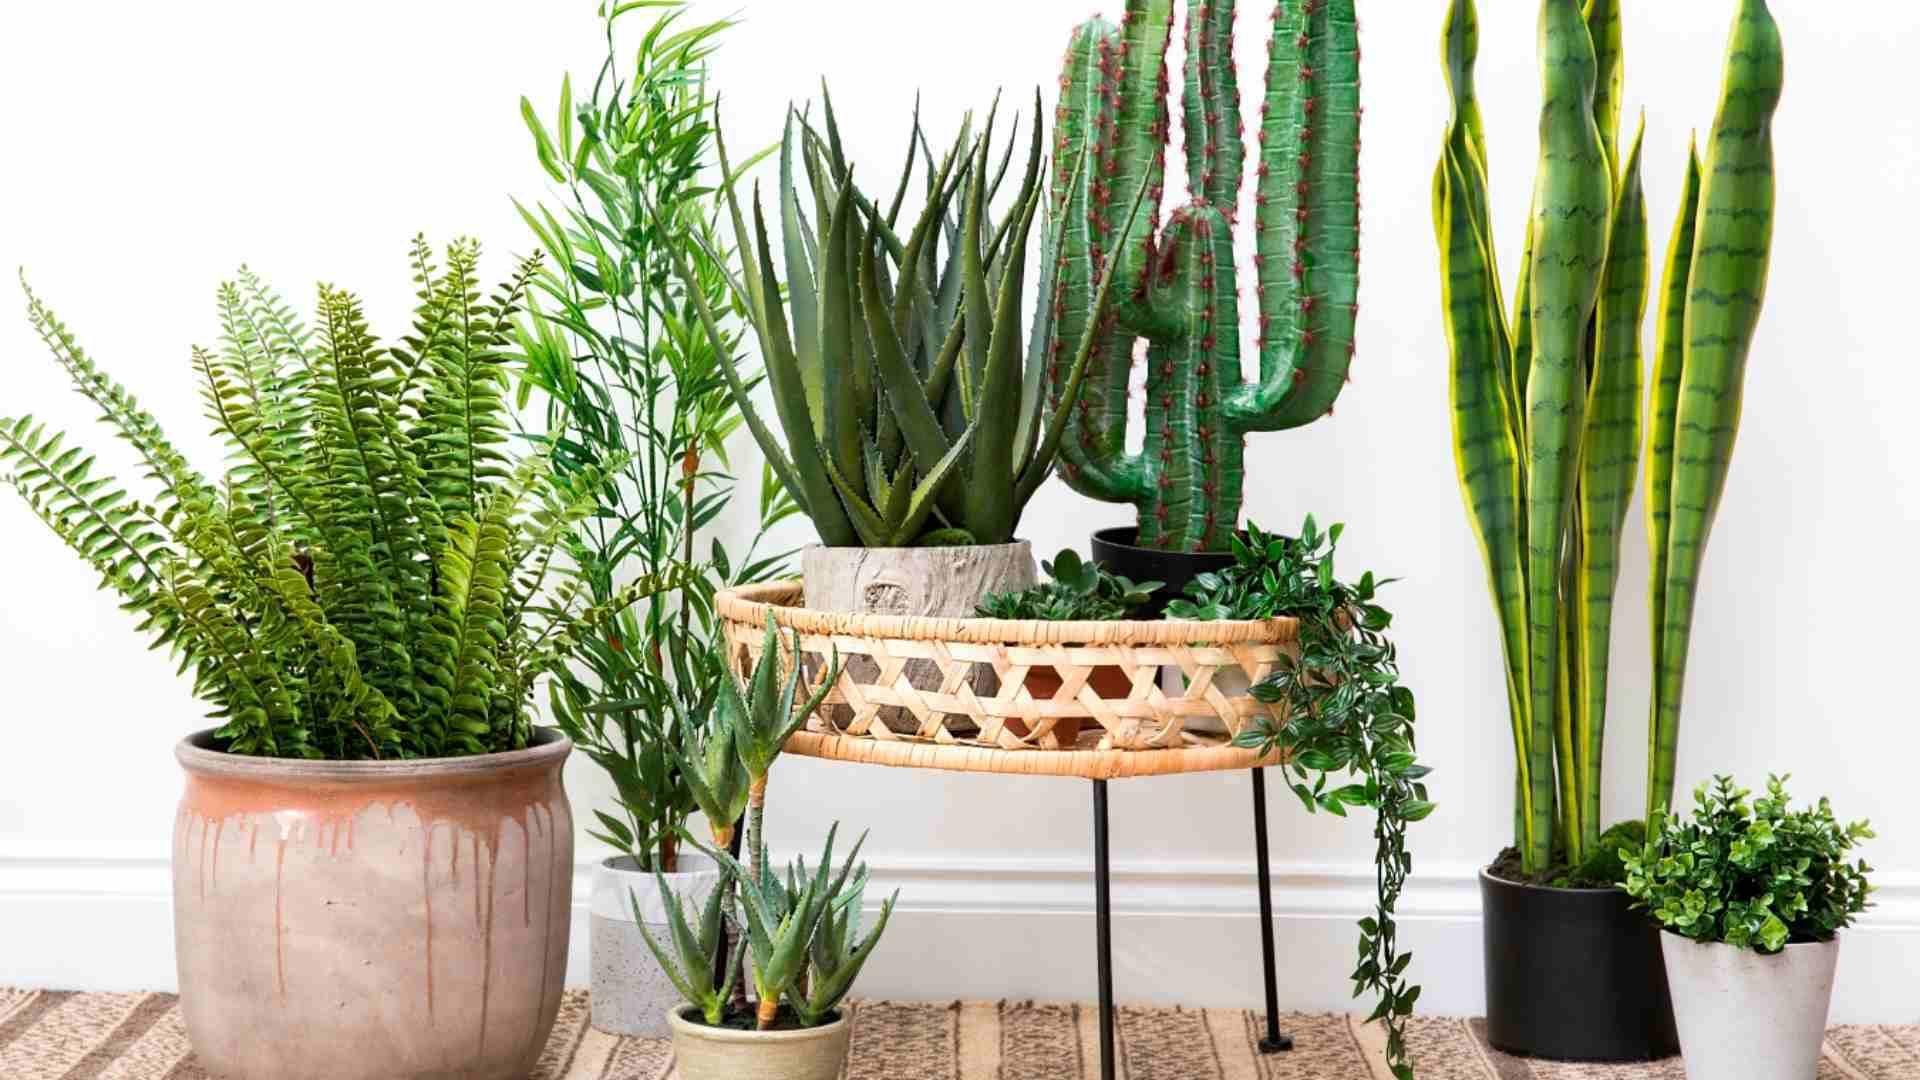 6 plantas de interior ideales para decorar tu departamento